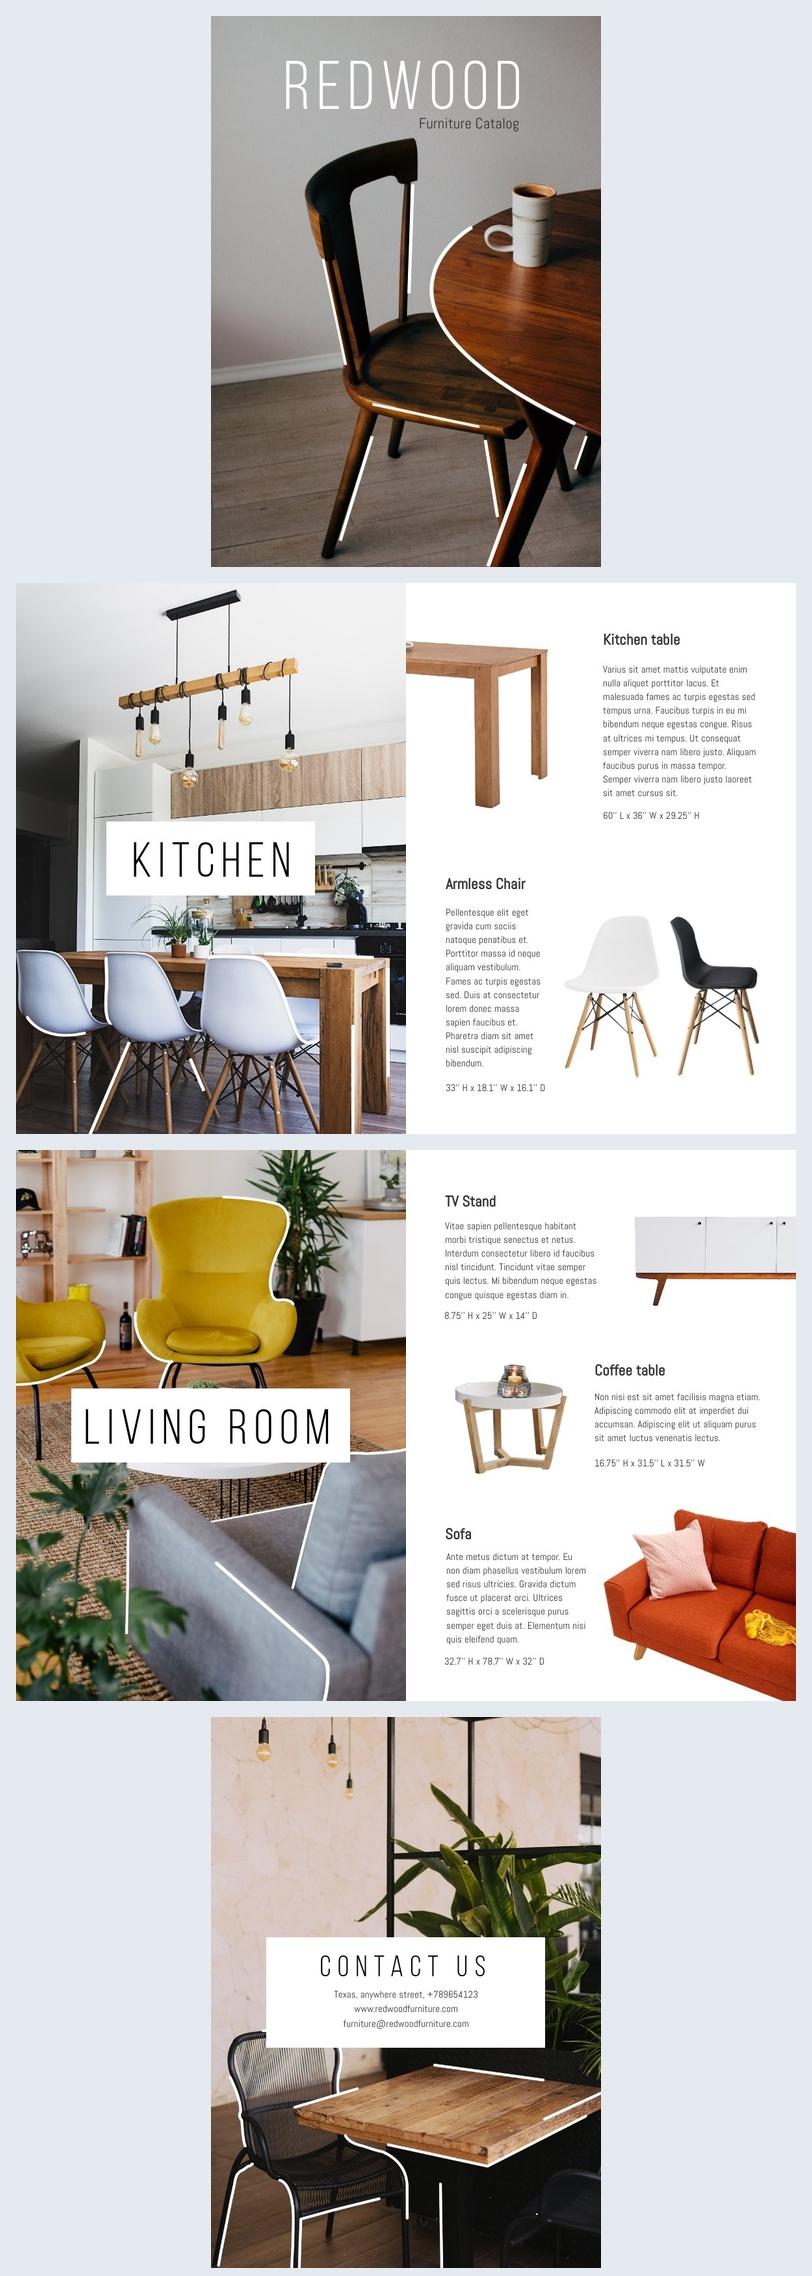 Grafica per catalogo di mobili